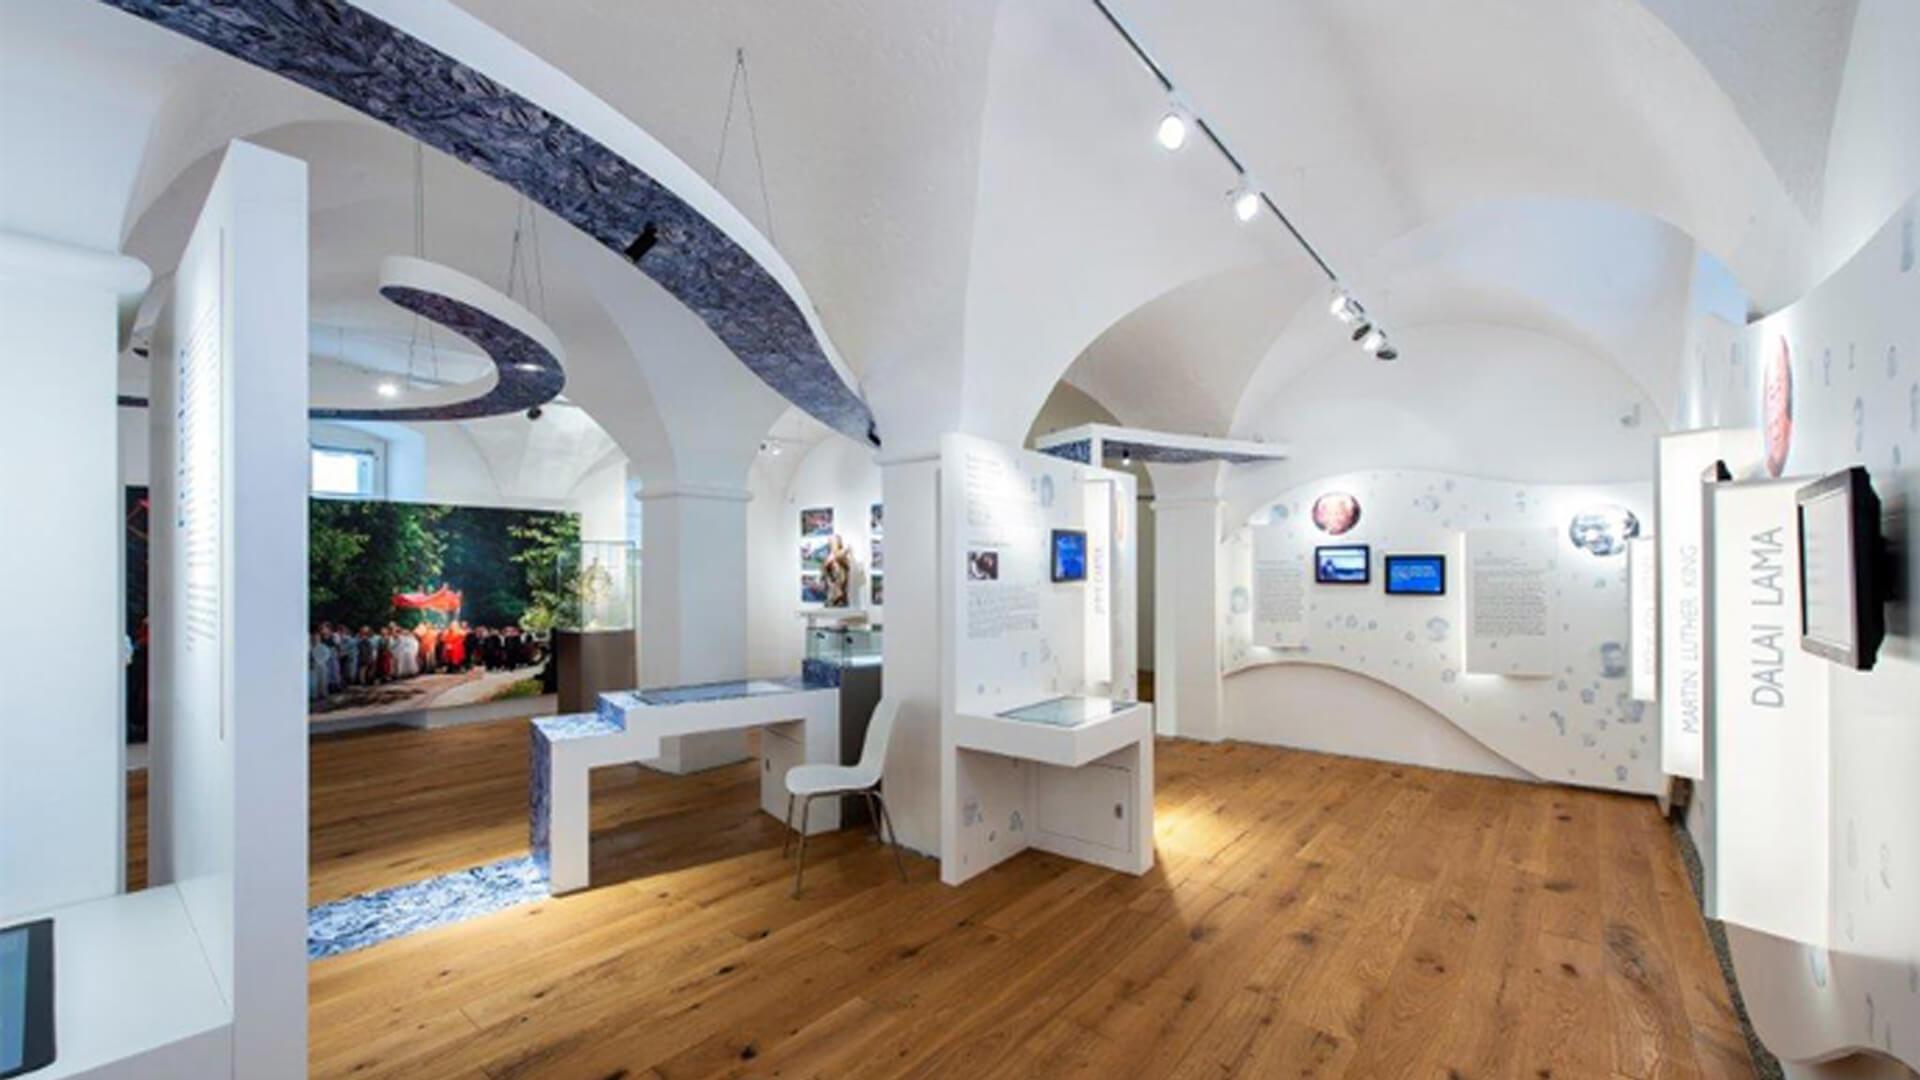 Landesausstellung-2018-Stille-Nacht-Mariapfarr_02